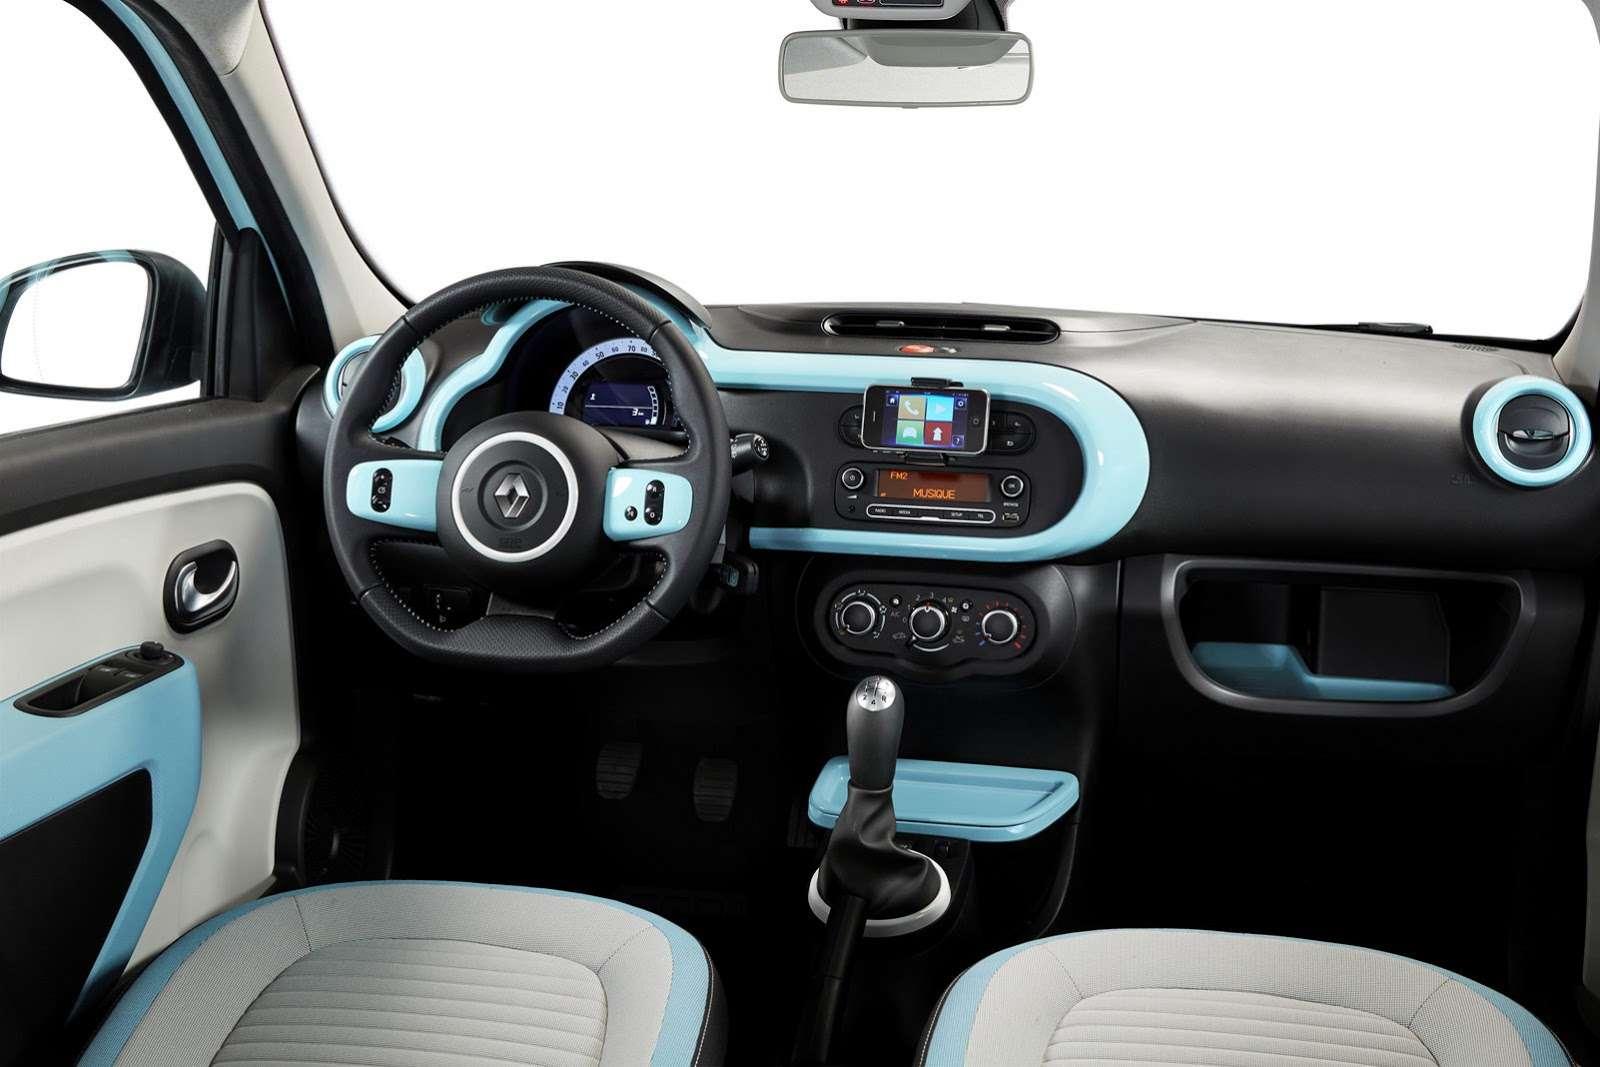 Renault Twingo Geneva 2014